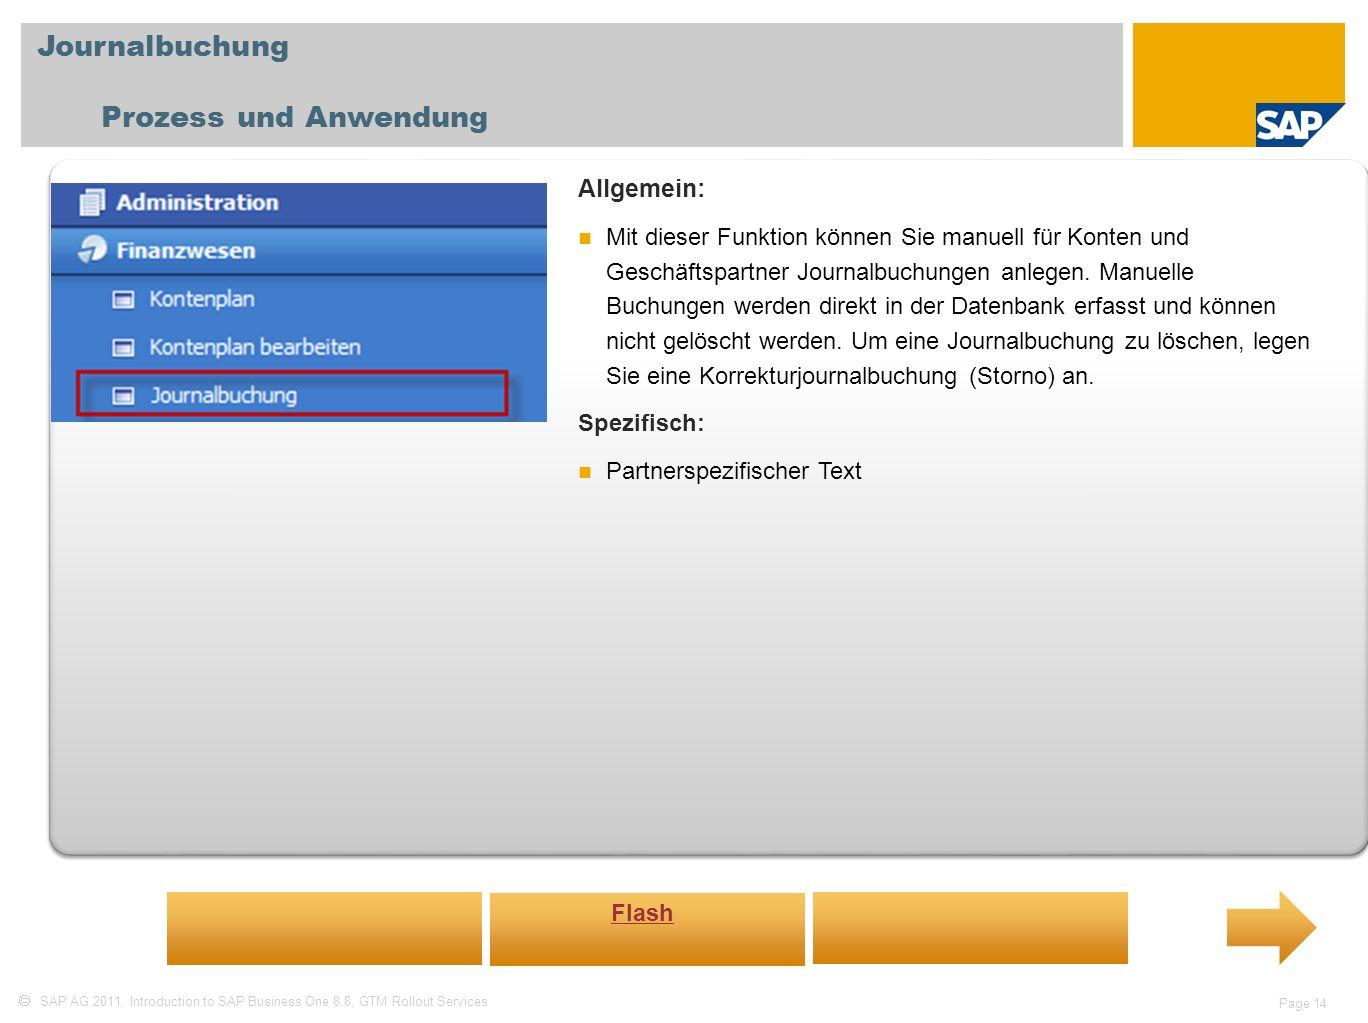 SAP AG 2011, Introduction to SAP Business One 8.8, GTM Rollout Services Page 14 Journalbuchung Prozess und Anwendung Allgemein: Mit dieser Funktion können Sie manuell für Konten und Geschäftspartner Journalbuchungen anlegen.